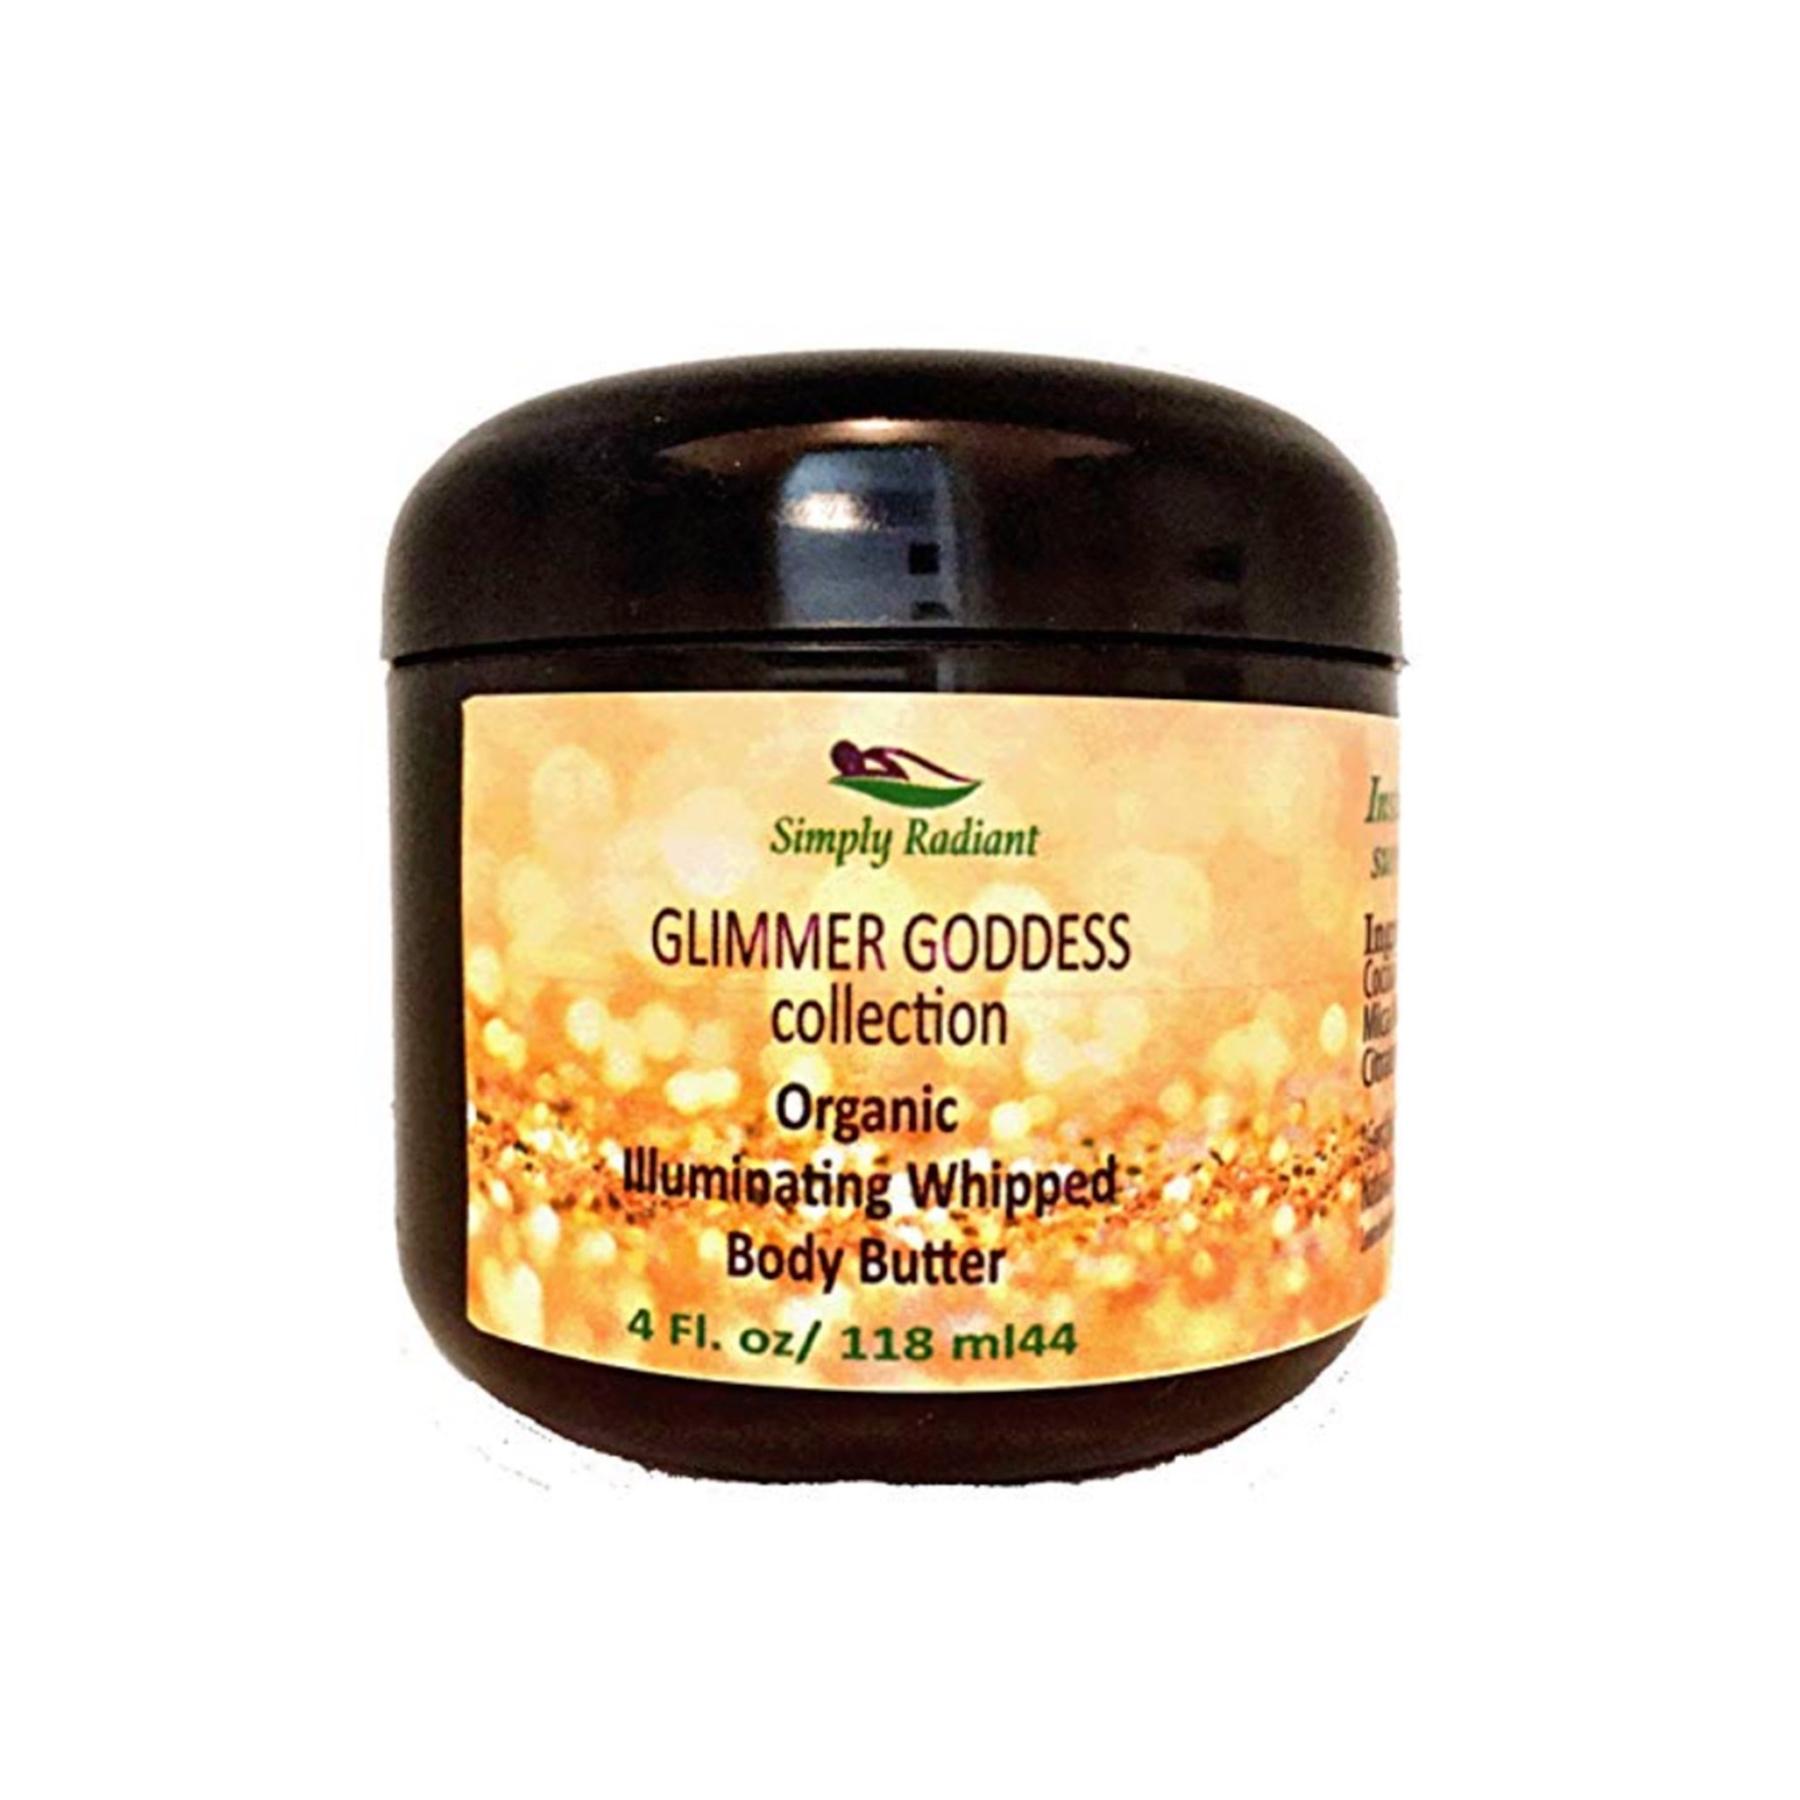 Glimmer Goddess Illuminating Whipped Body Butter